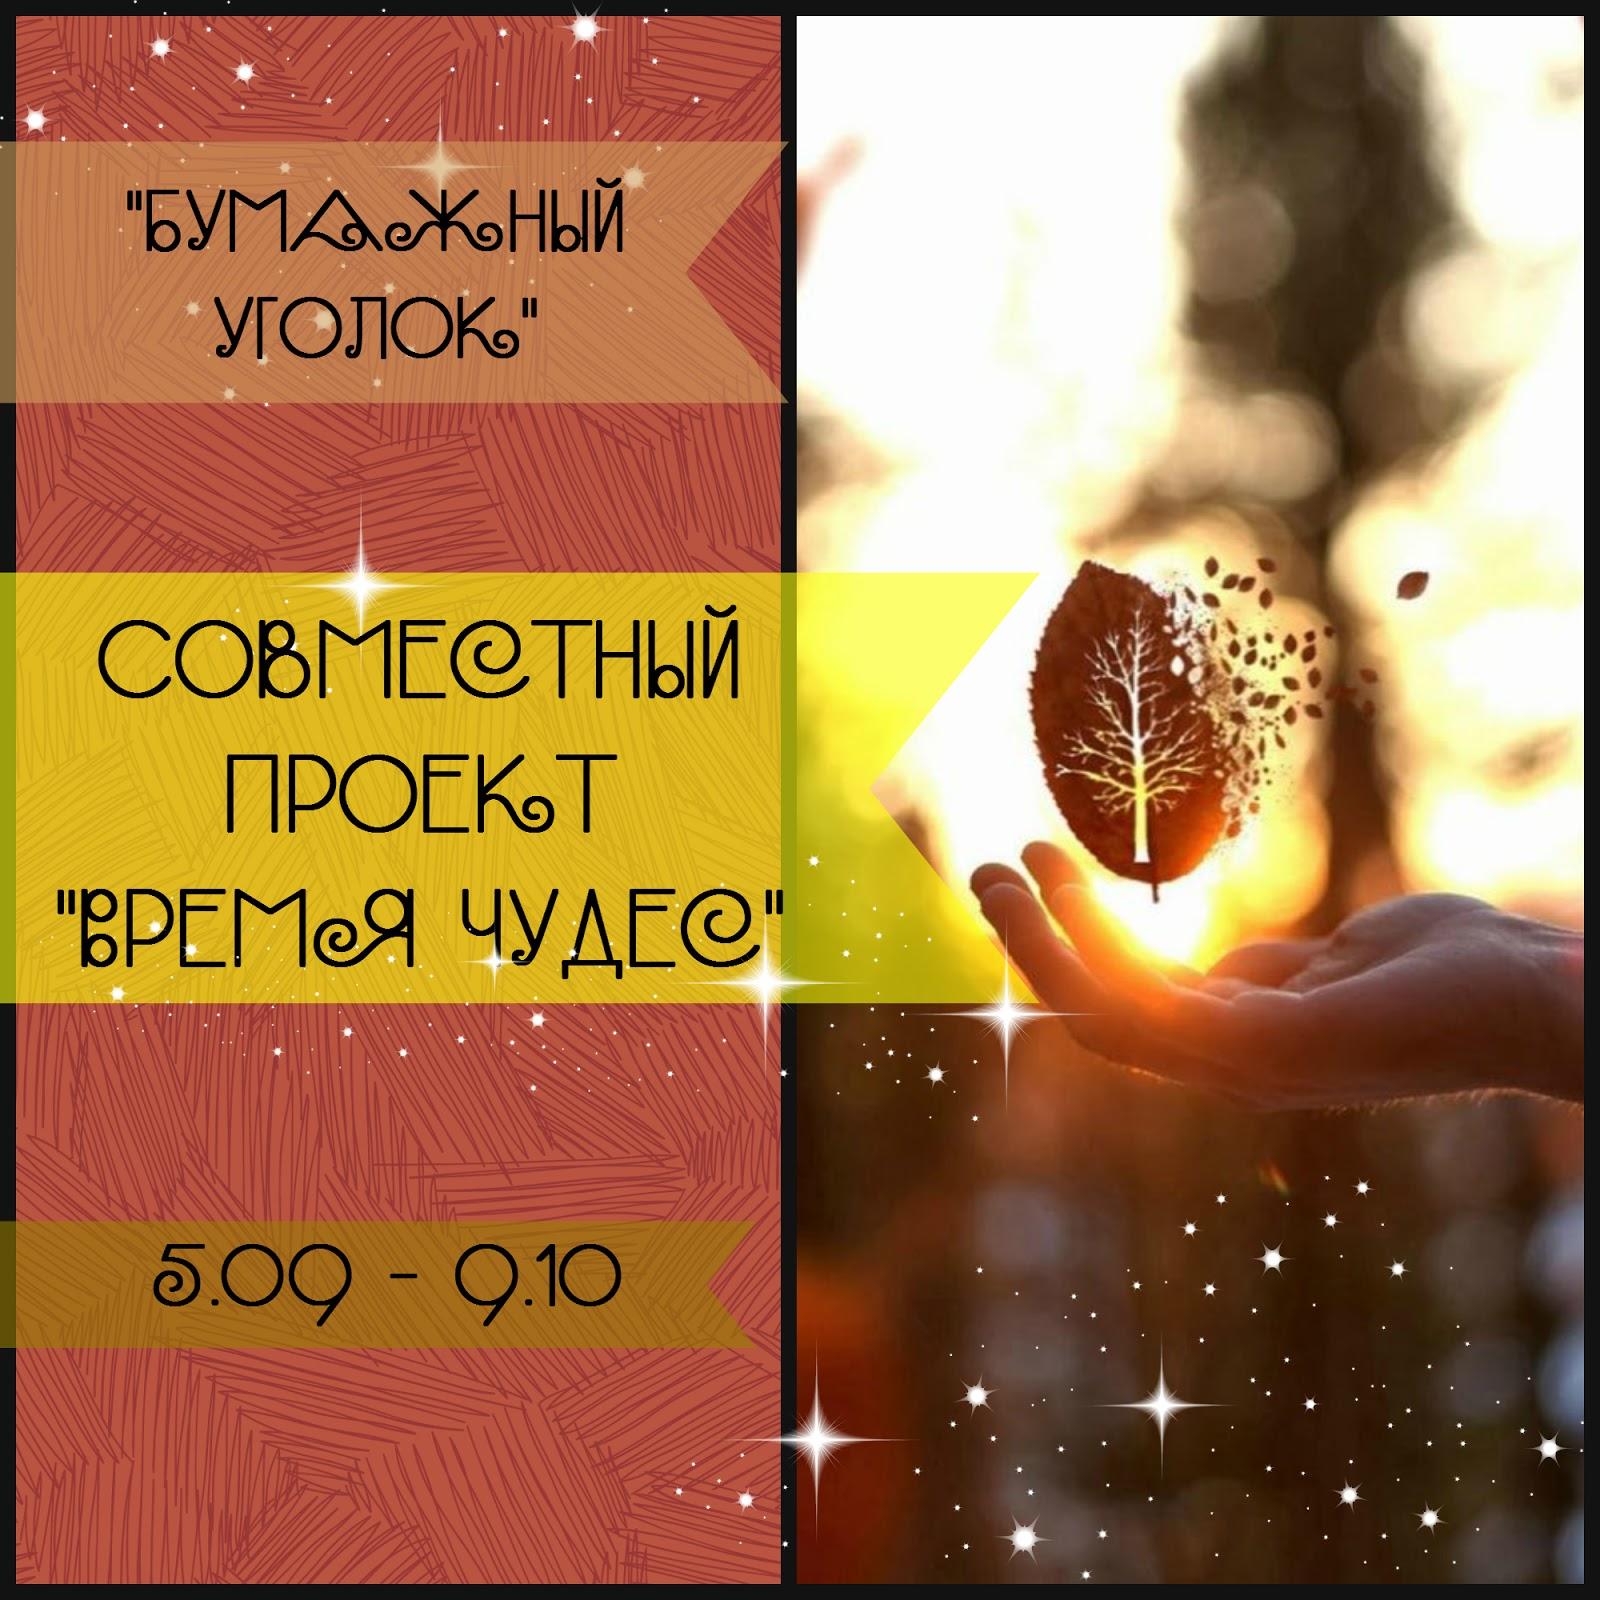 Совместный проект Время чудес!